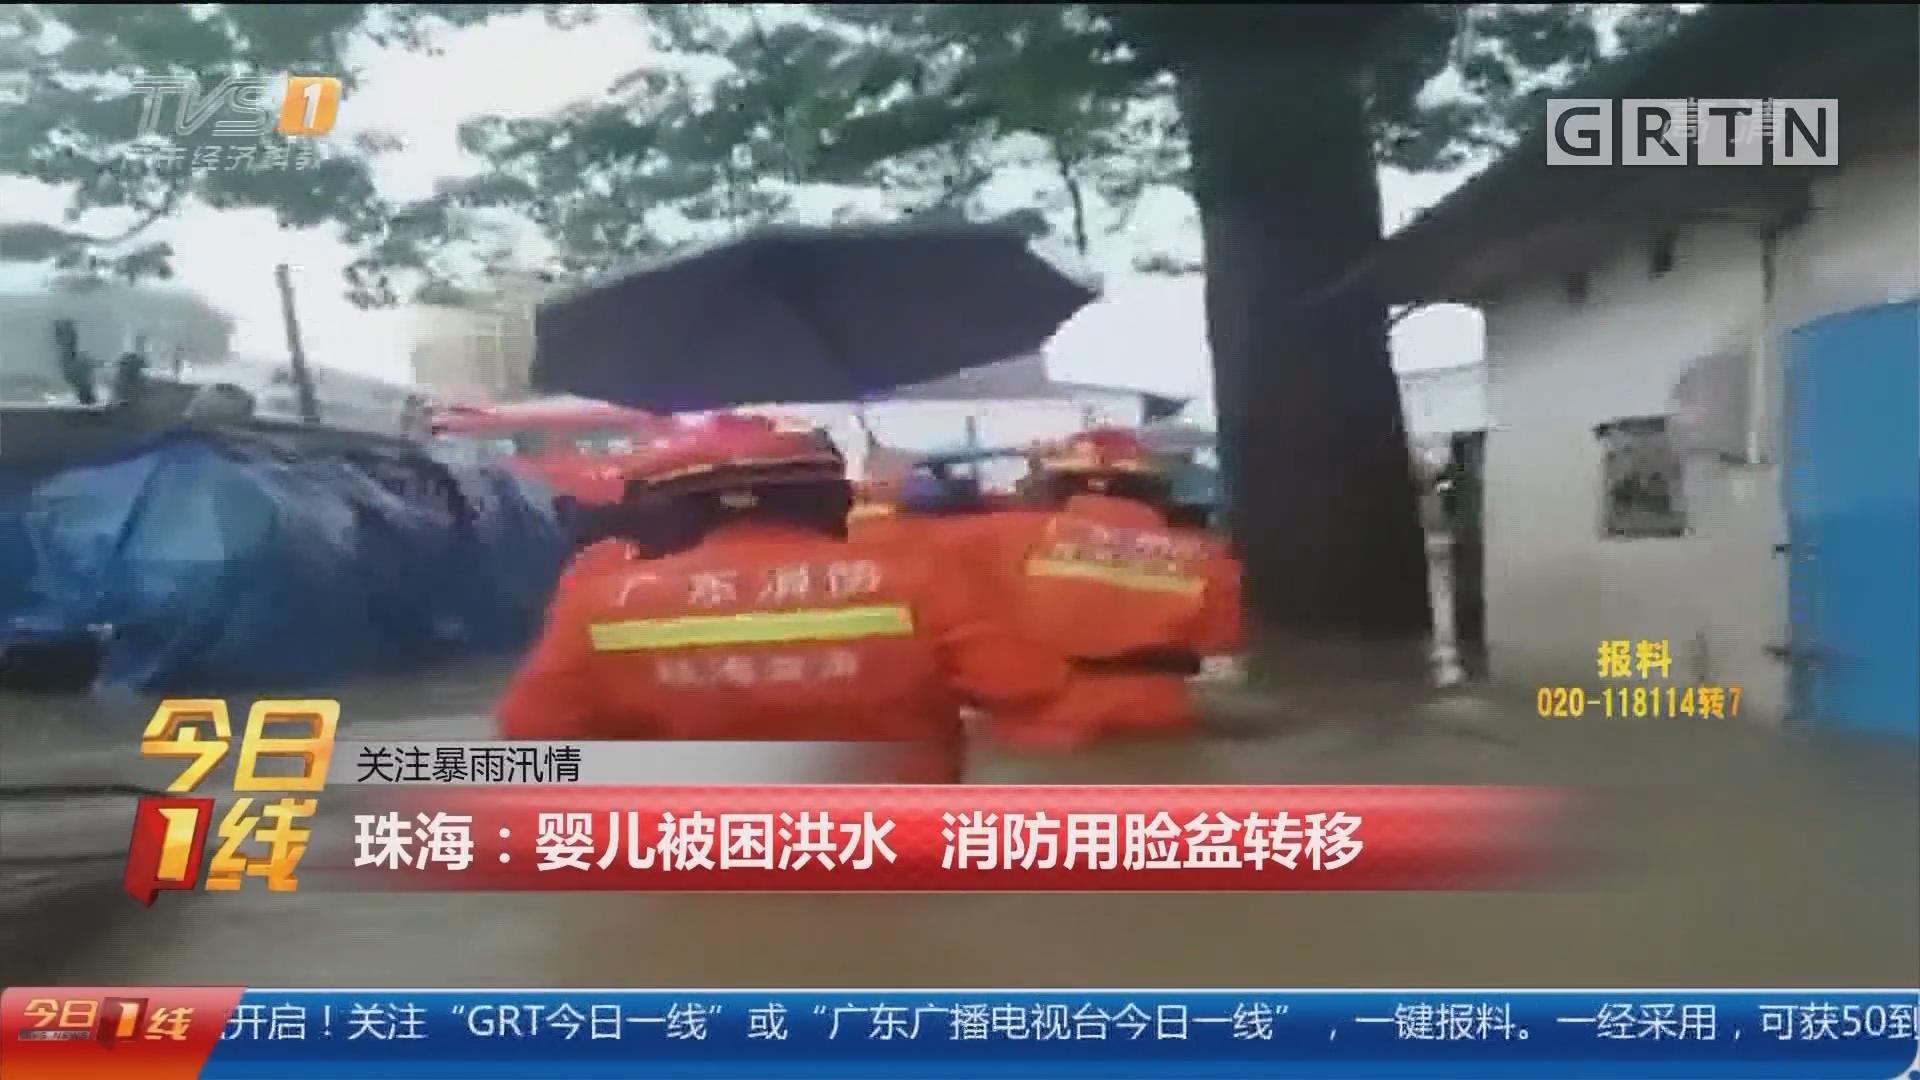 关注暴雨汛情 珠海:婴儿被困洪水 消防用脸盆转移